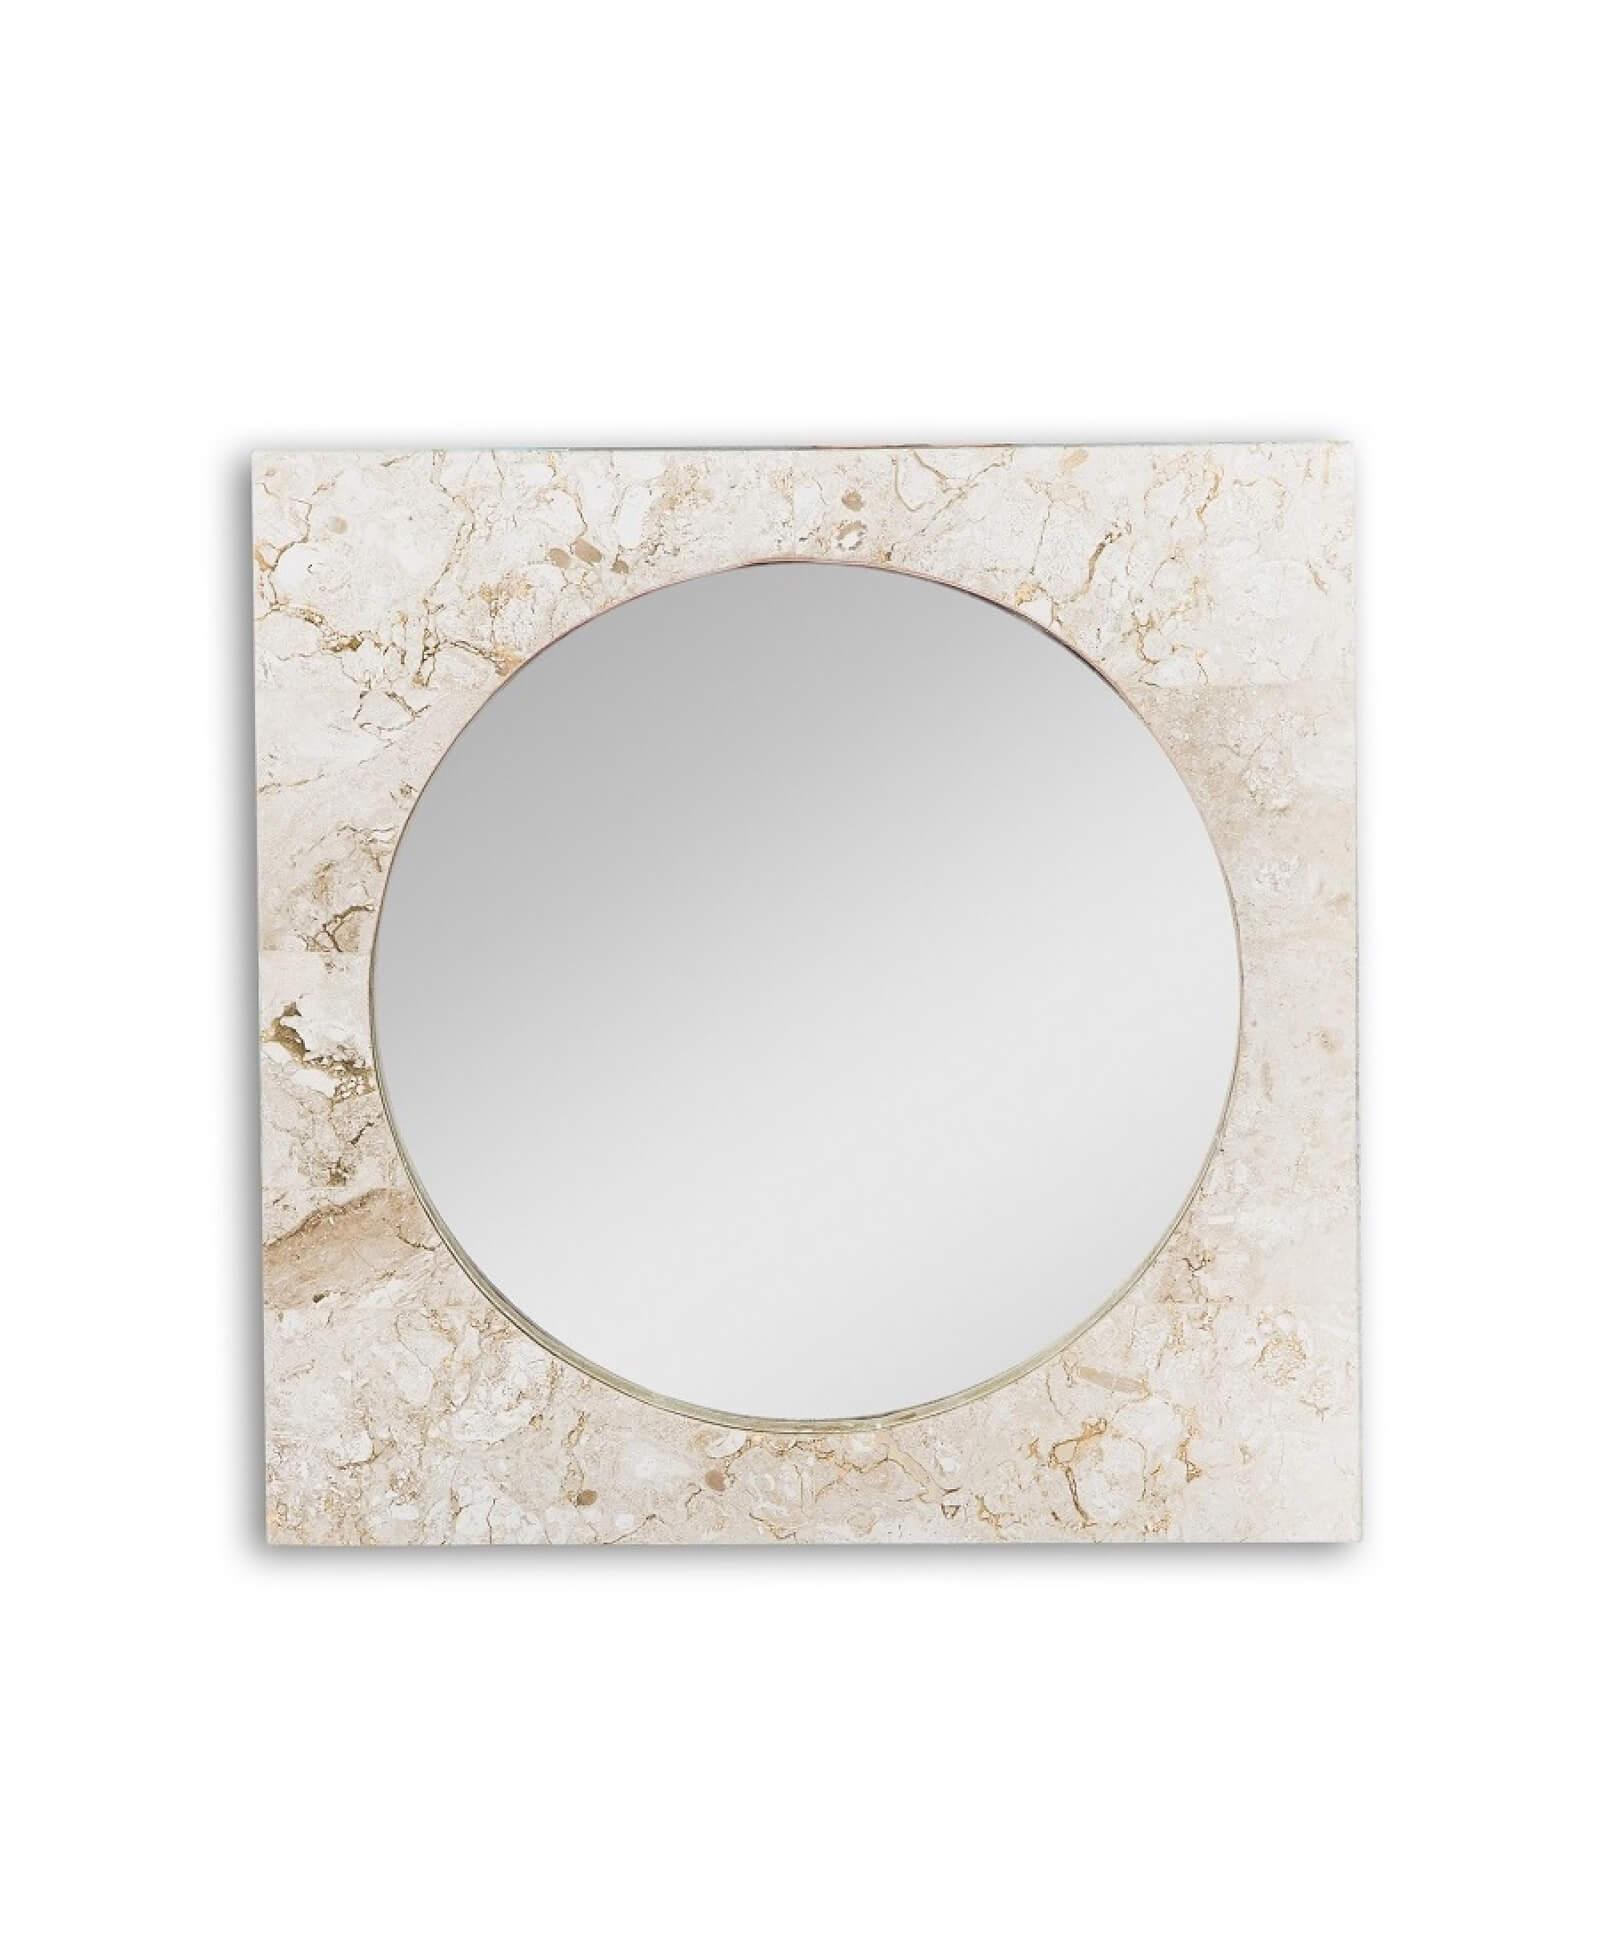 Specchio in marmo modello redondo complementi e - Specchio per valutazione posturale ...